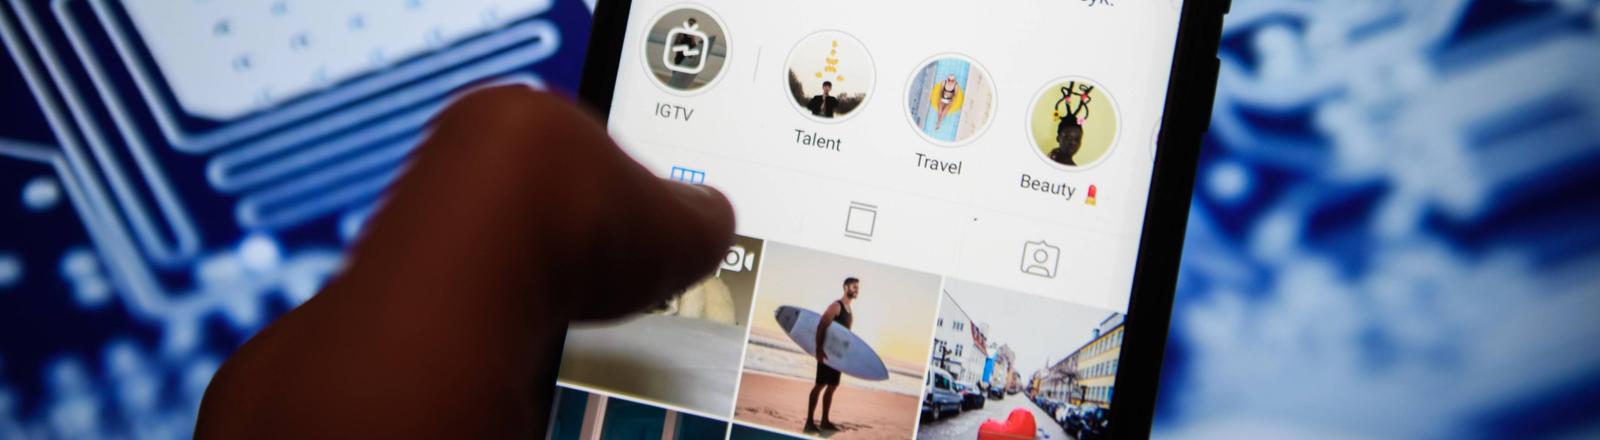 Ein Android-Smartphone vor einer Plantine. Auf dem Bildschirm ist die Instagram-App geöffnet.